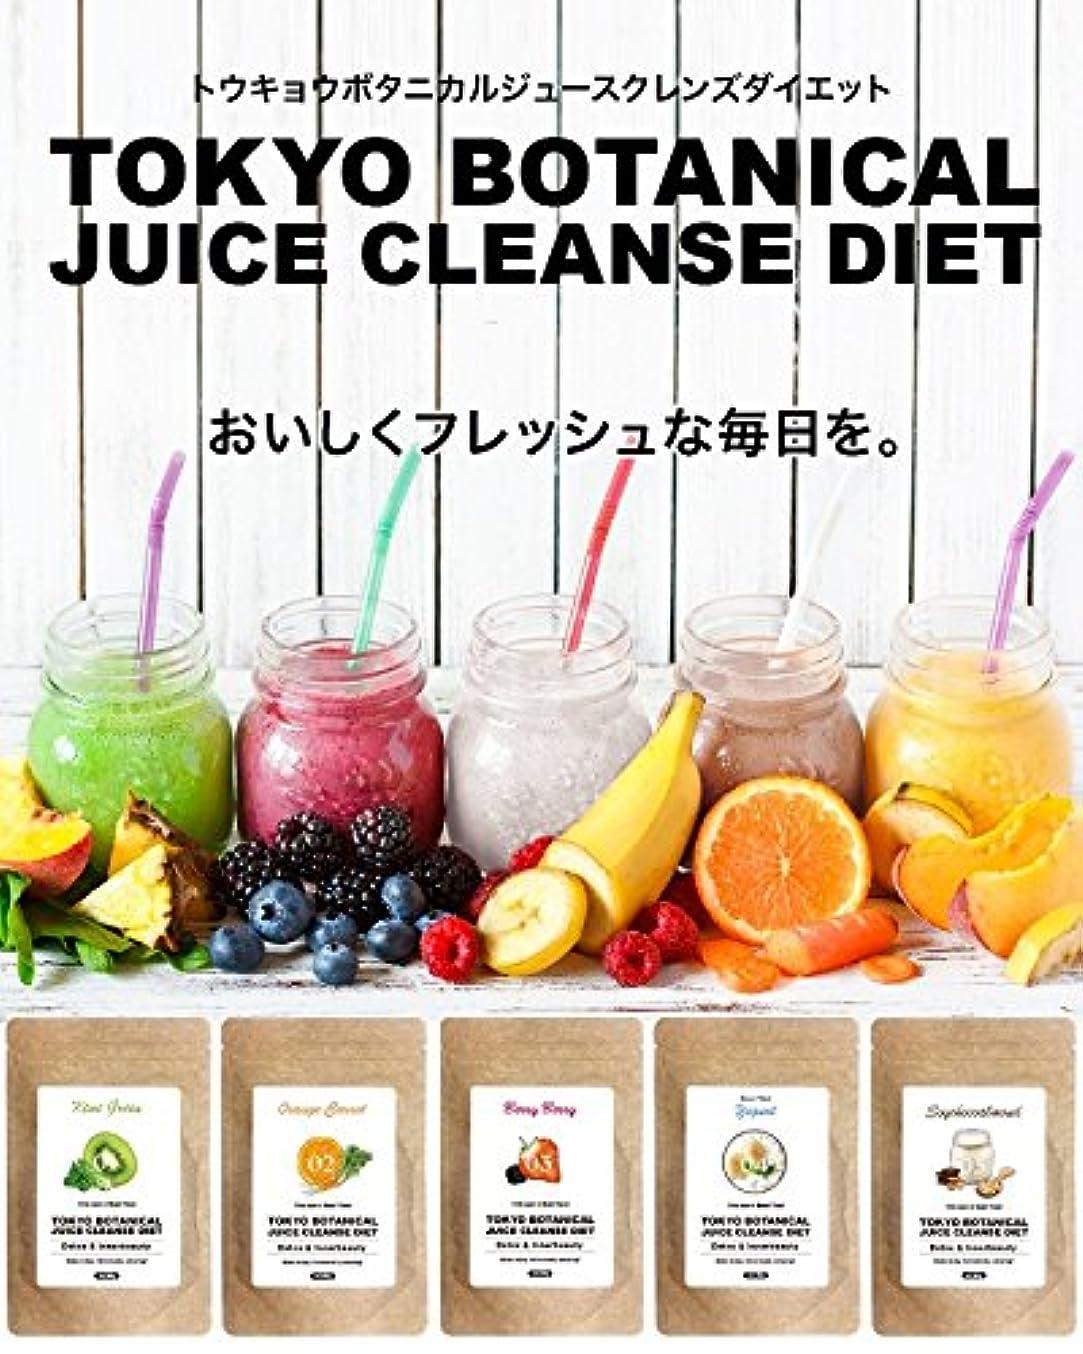 アクティブ別にアイロニー東京ボタニカルジュースクレンズダイエット ベリーベリー&ヨーグルトセット